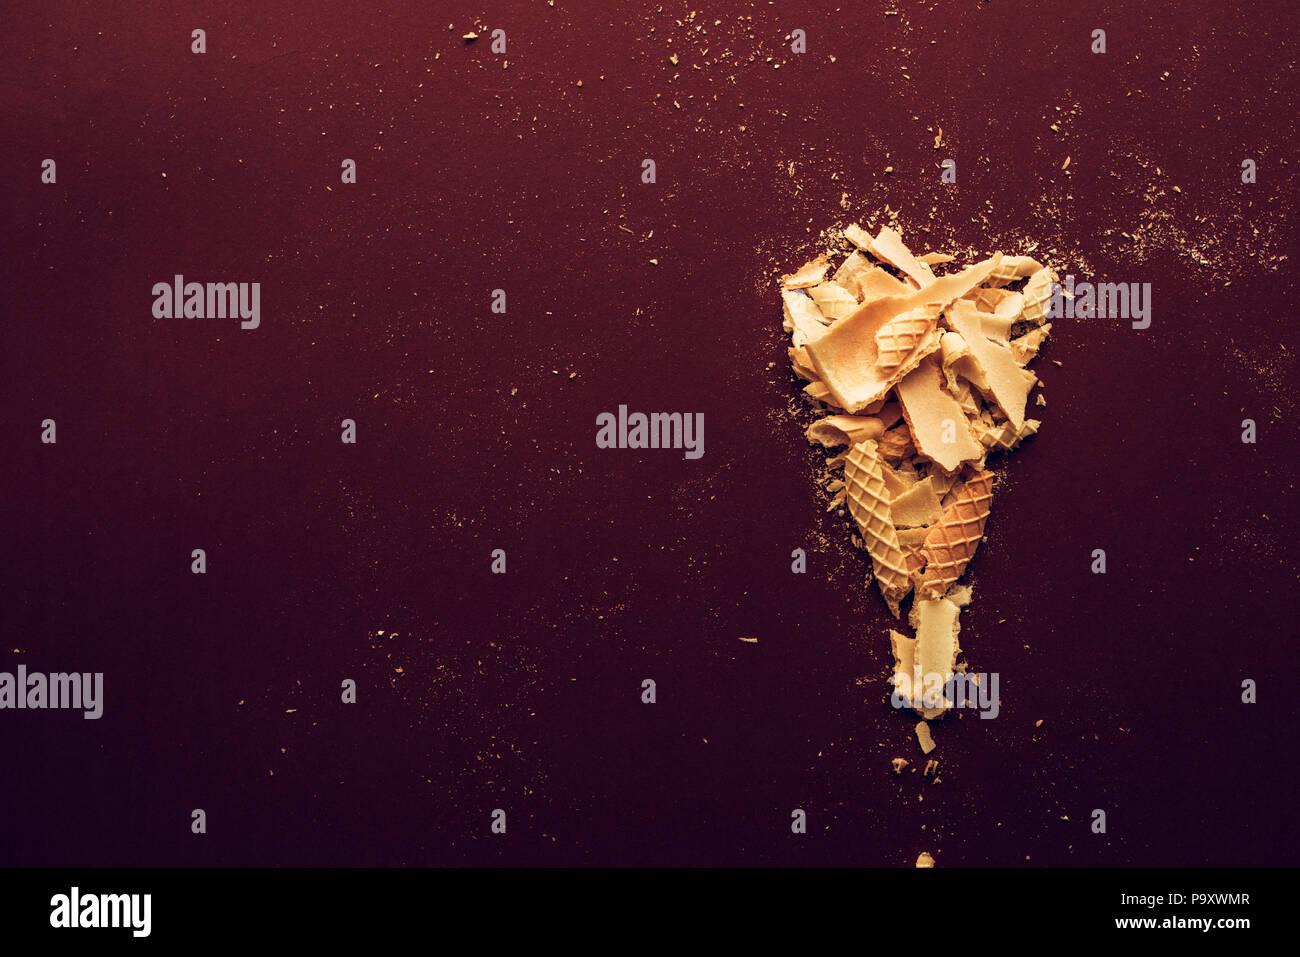 Cornet de crème glacée écrasée sur fond marron foncé, télévision lay Photo Stock